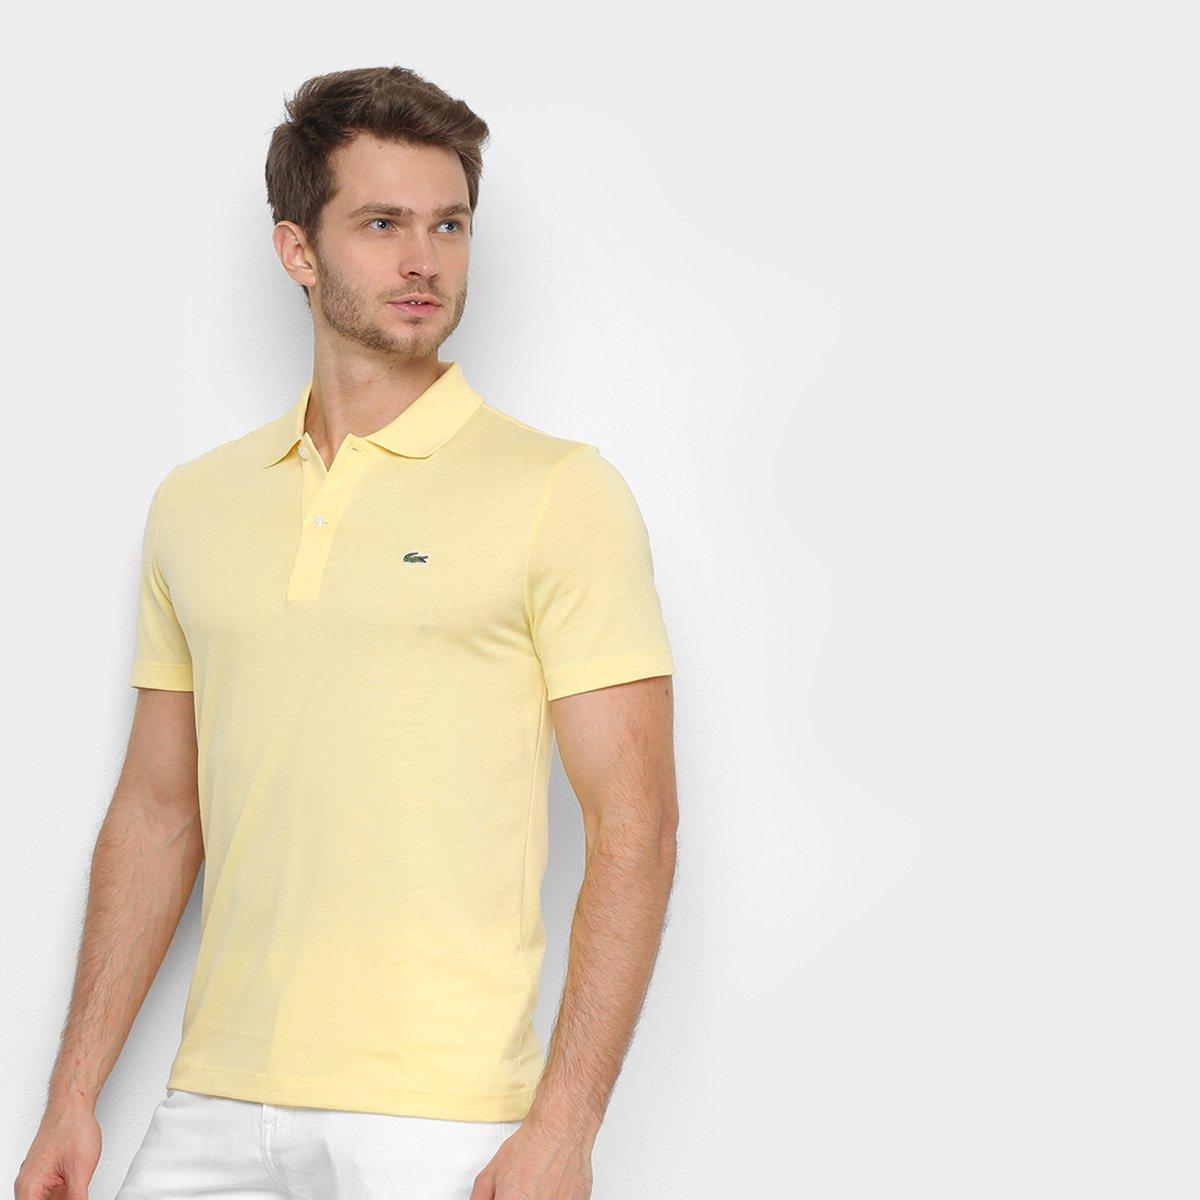 Foto 1 - Camisa Polo Lacoste Malha Original Fit Masculina